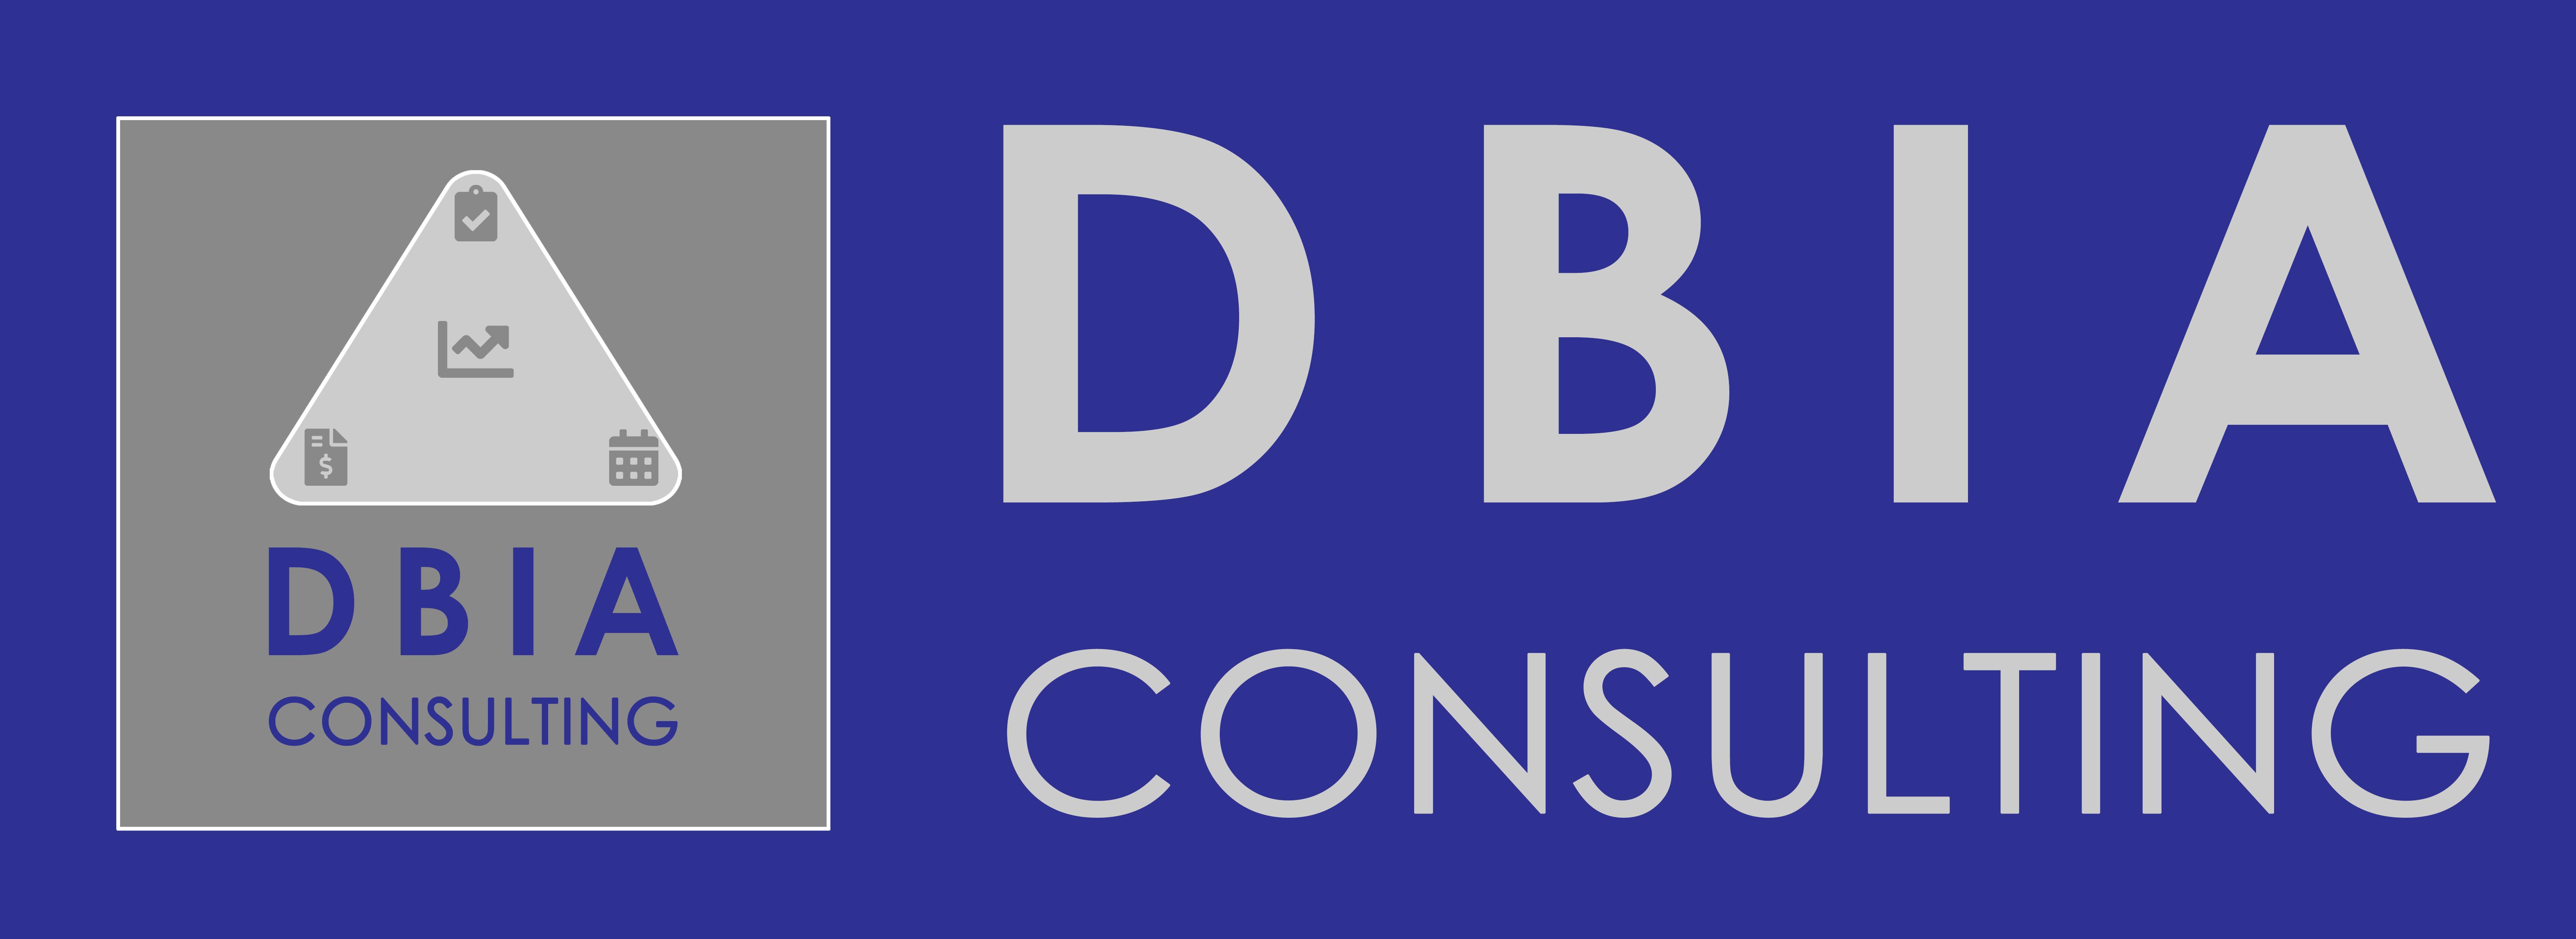 DBIA Consulting Ltd.